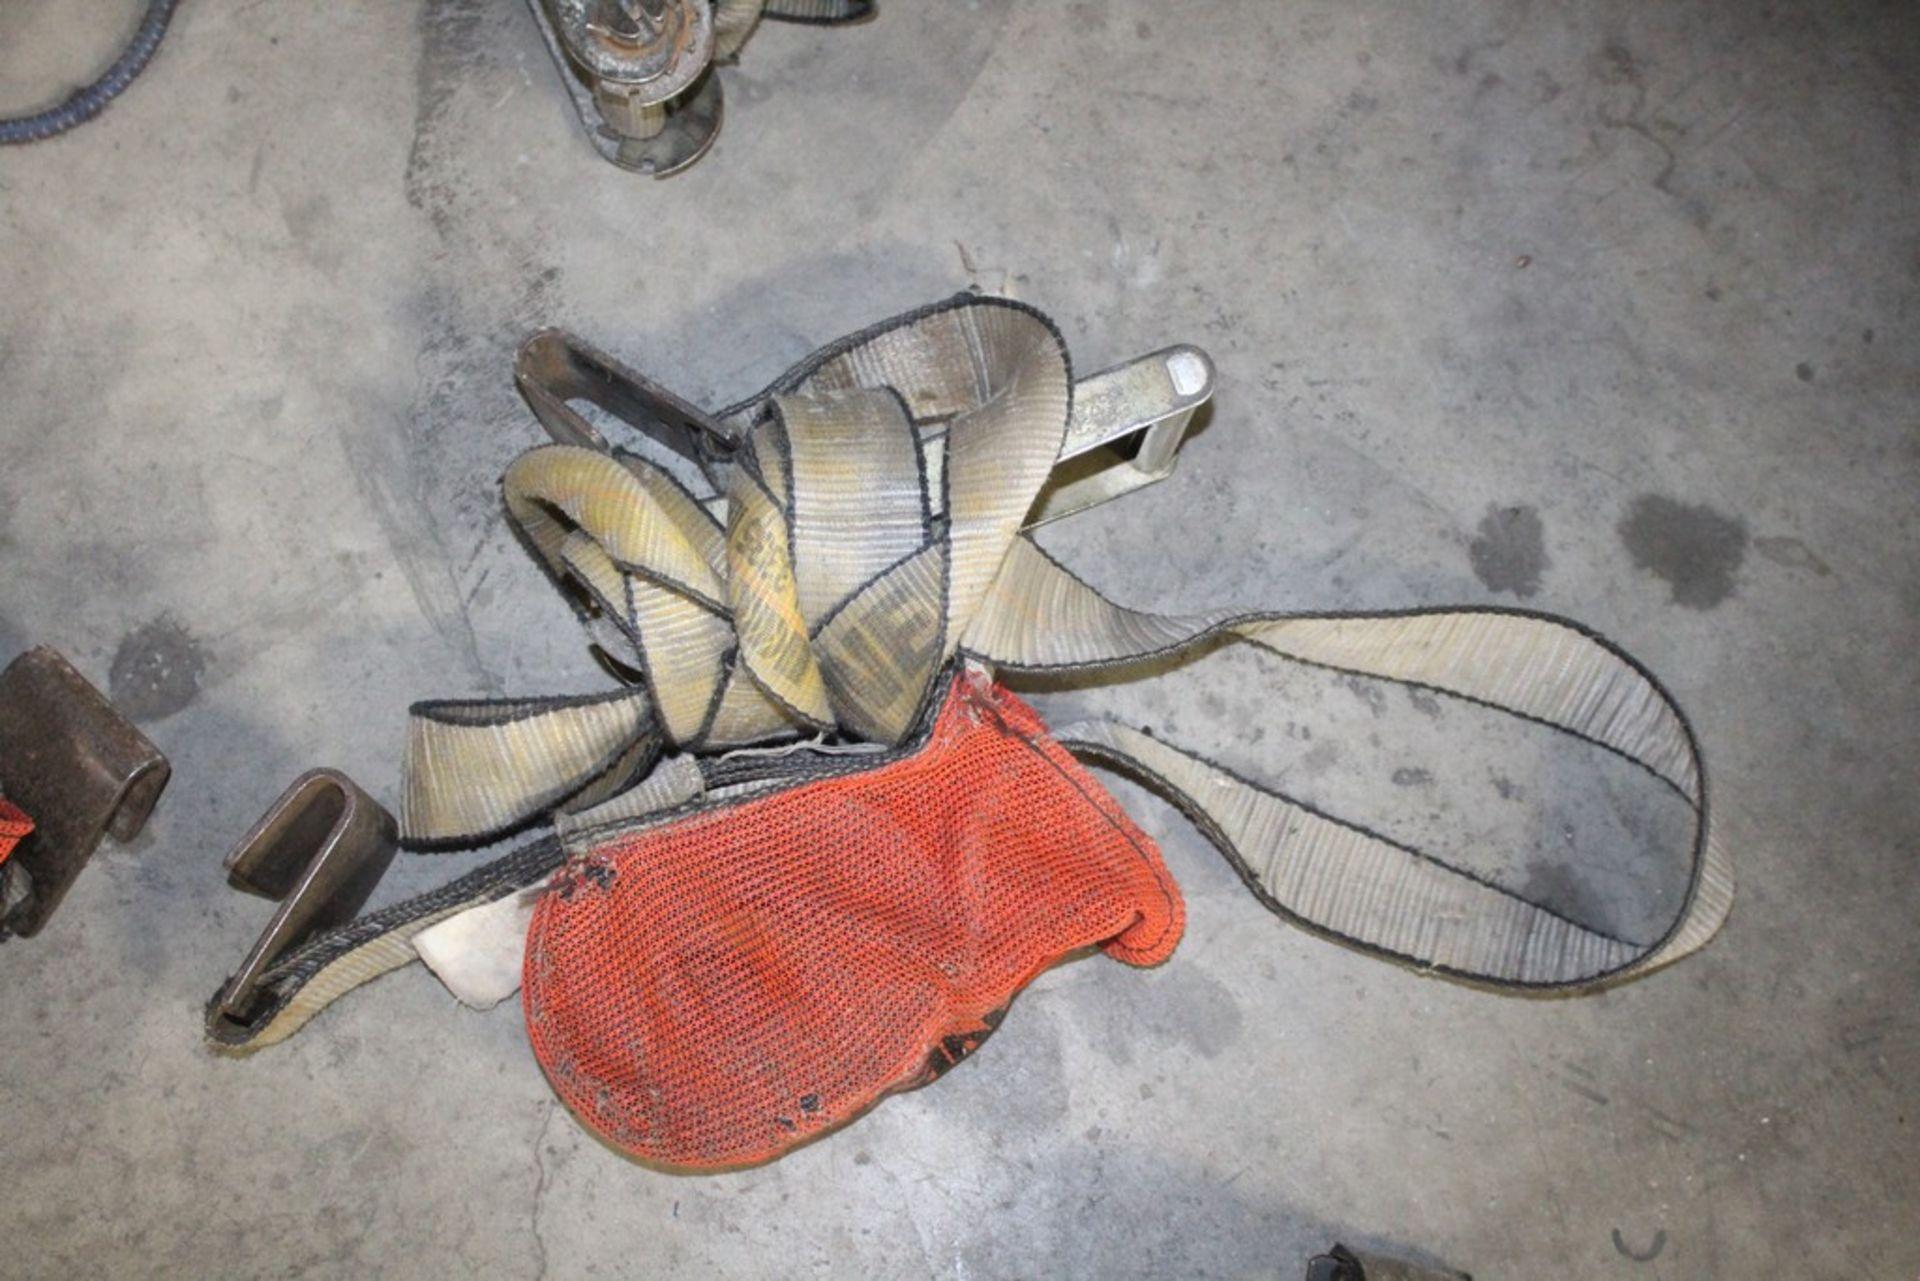 Lot 29 - Rachet & Tie Down Straps - (8) Total Complete Pieces